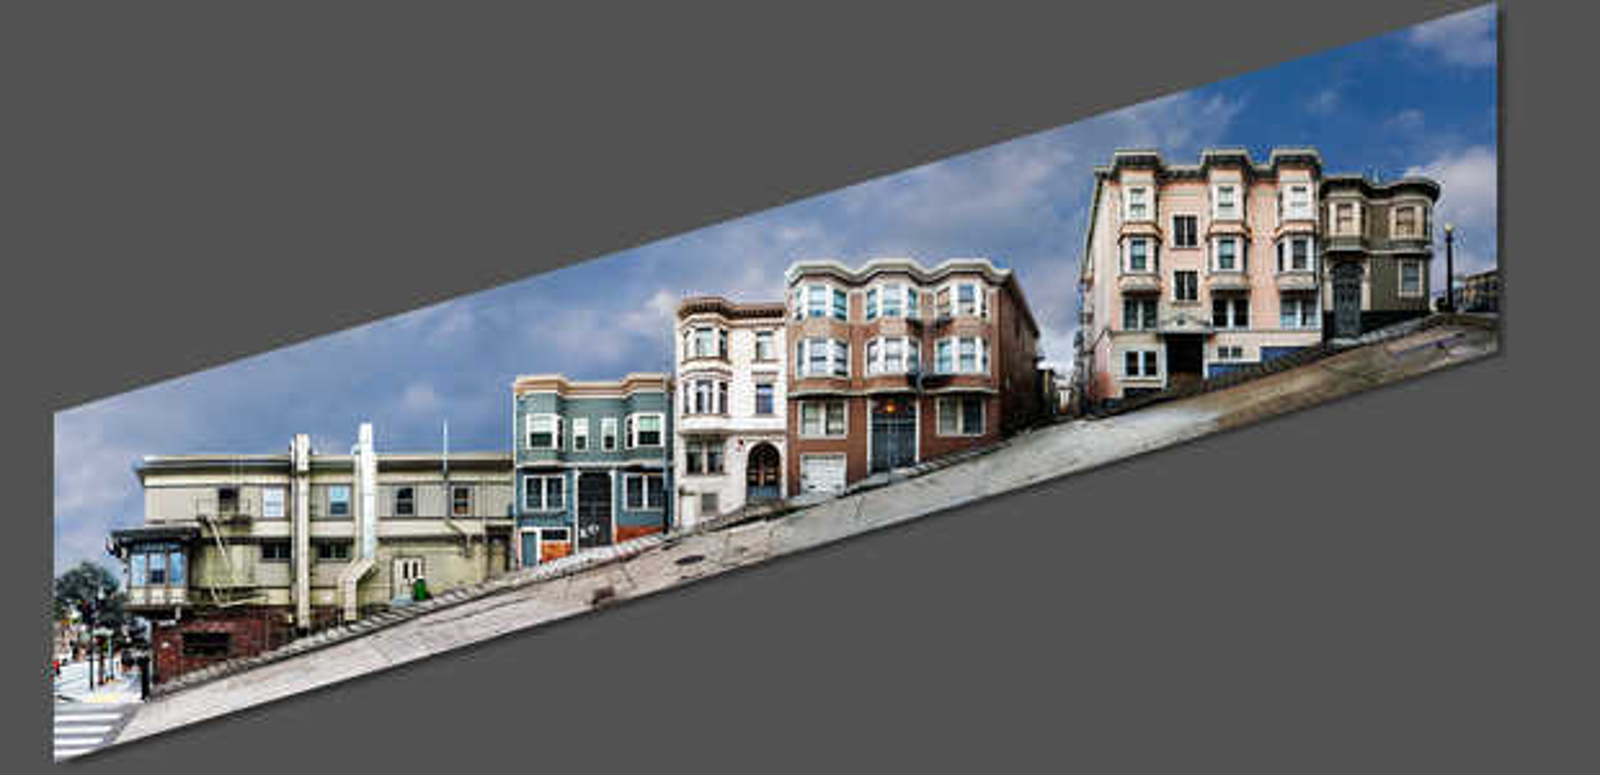 San Francisco, Kearny Street #1 - Larry Yust